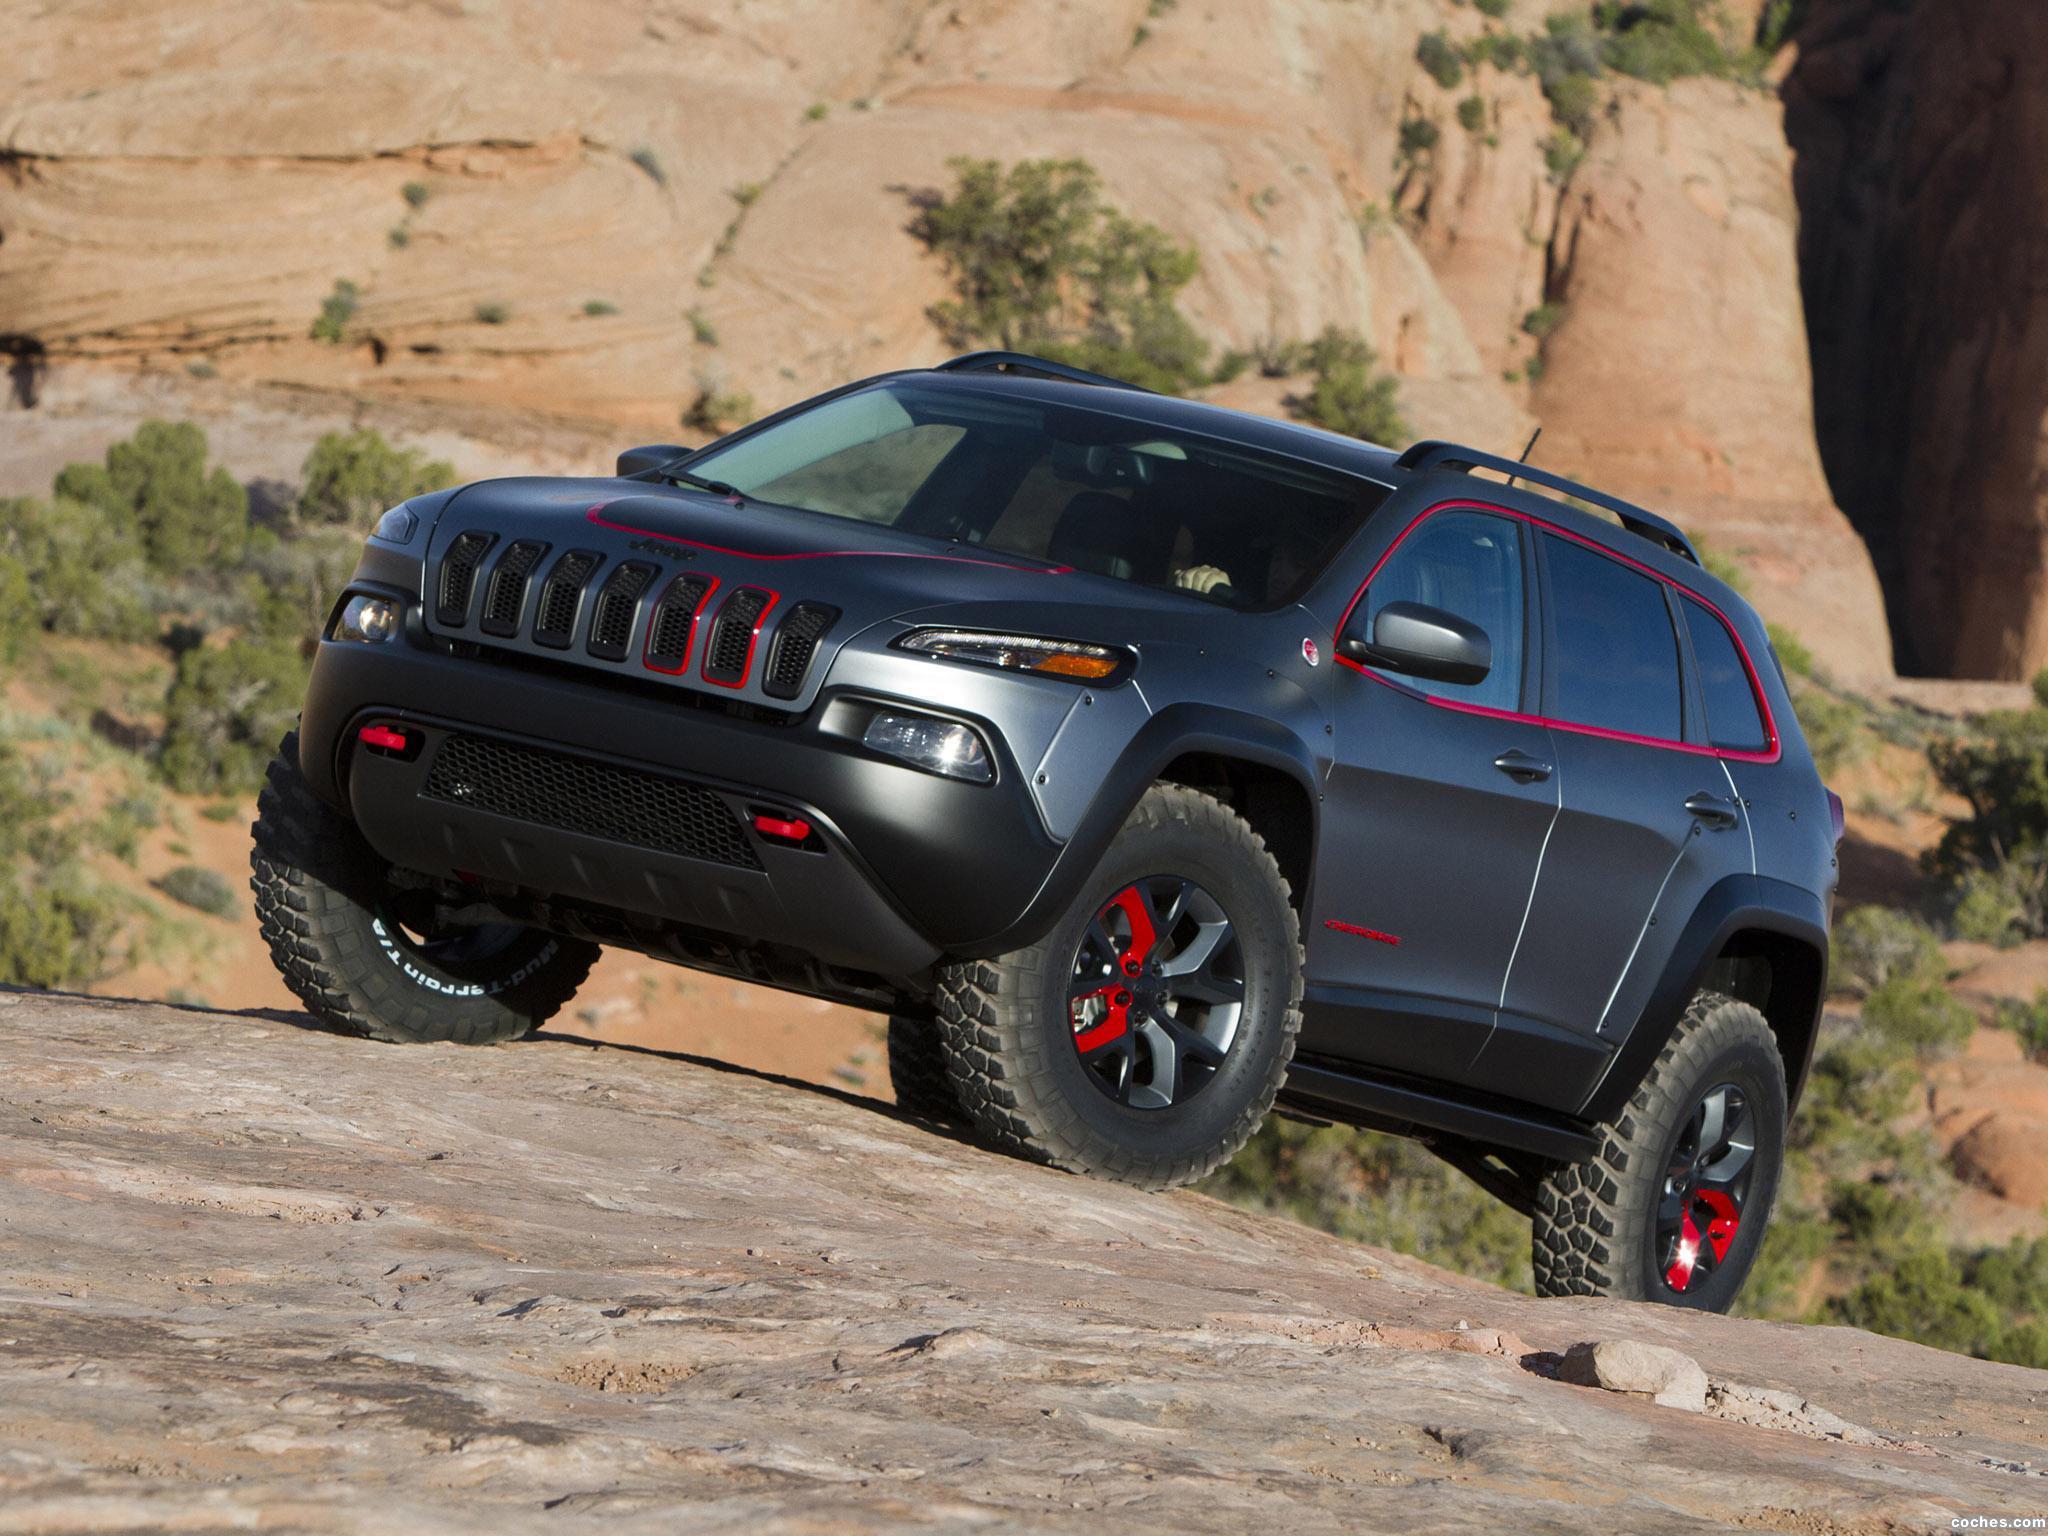 Foto 2 de Jeep Cherokee Adventurer Concept 2014